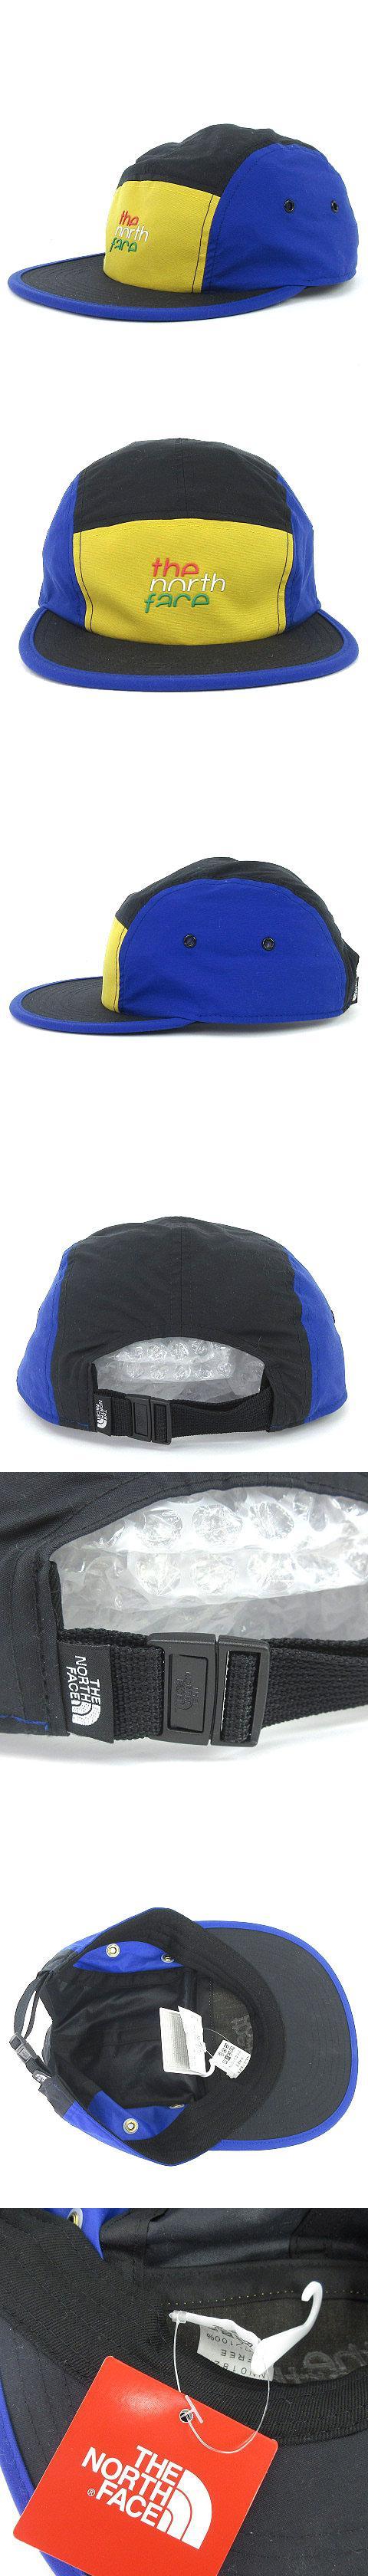 19SS FIVE PANEL CAP 5パネル キャップ ナイロン NN01825 青 黄色 黒 ブルー イエロー ブラック FREE 帽子